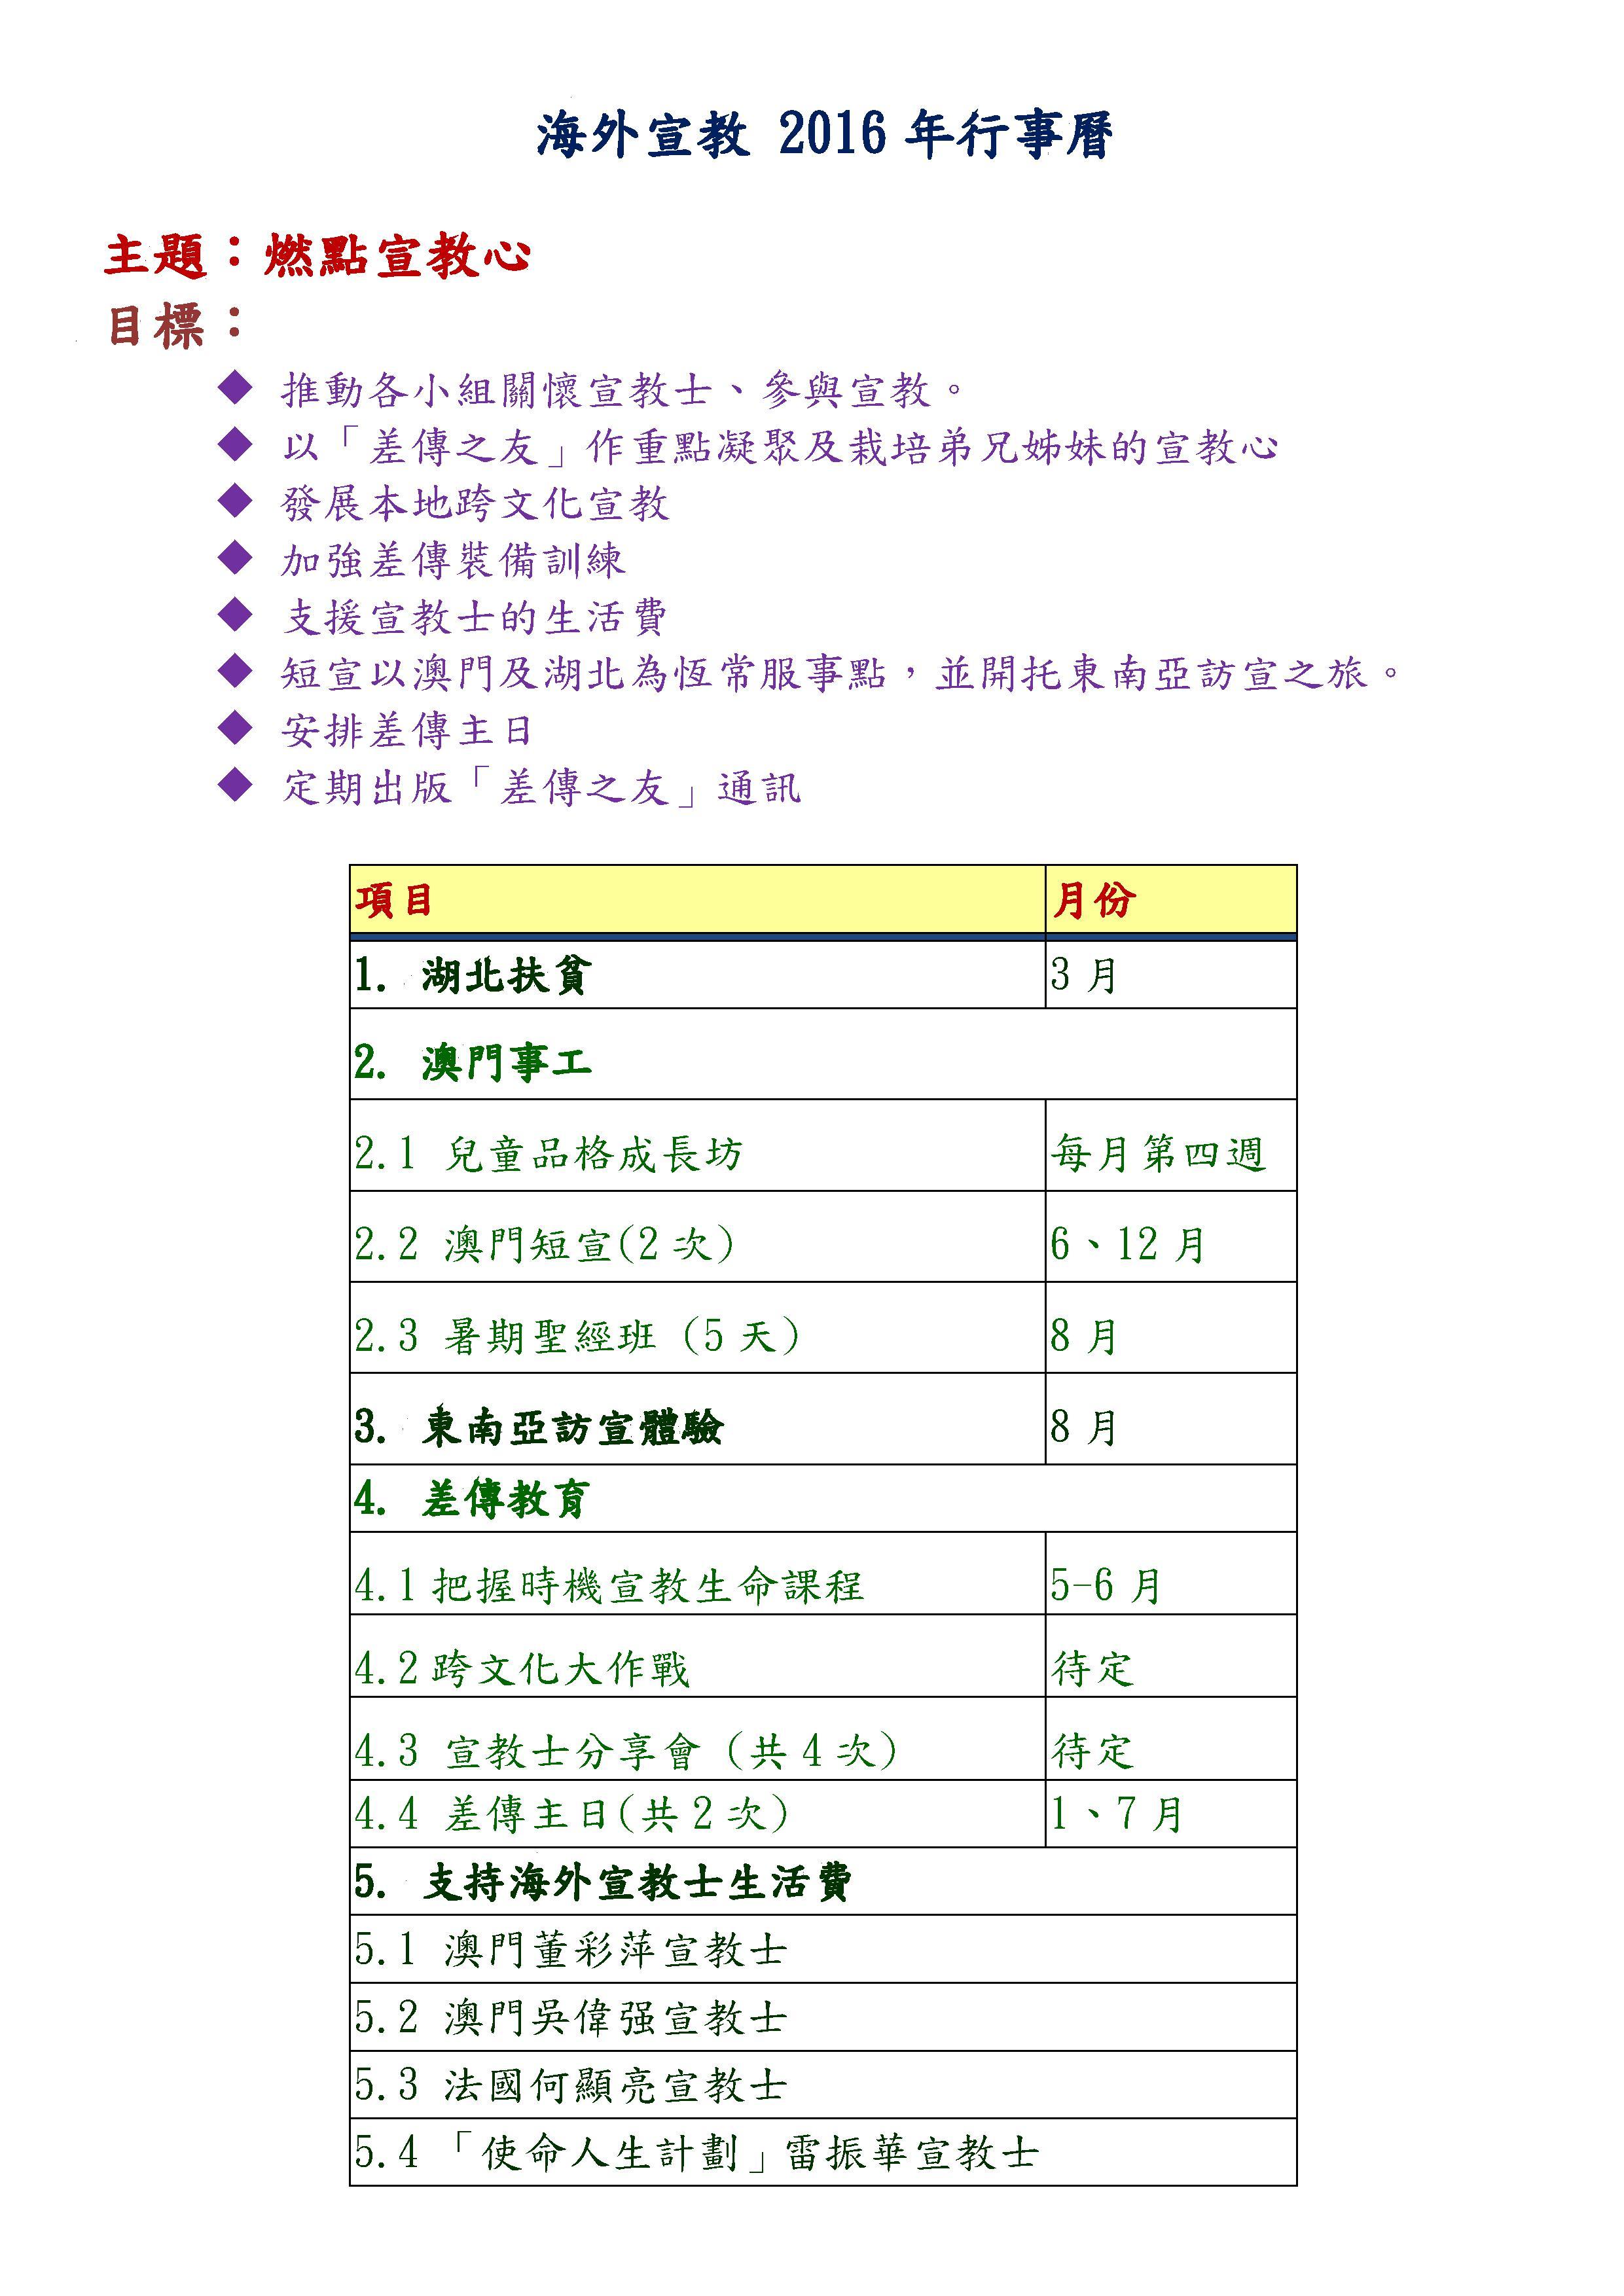 海外宣教行事曆1